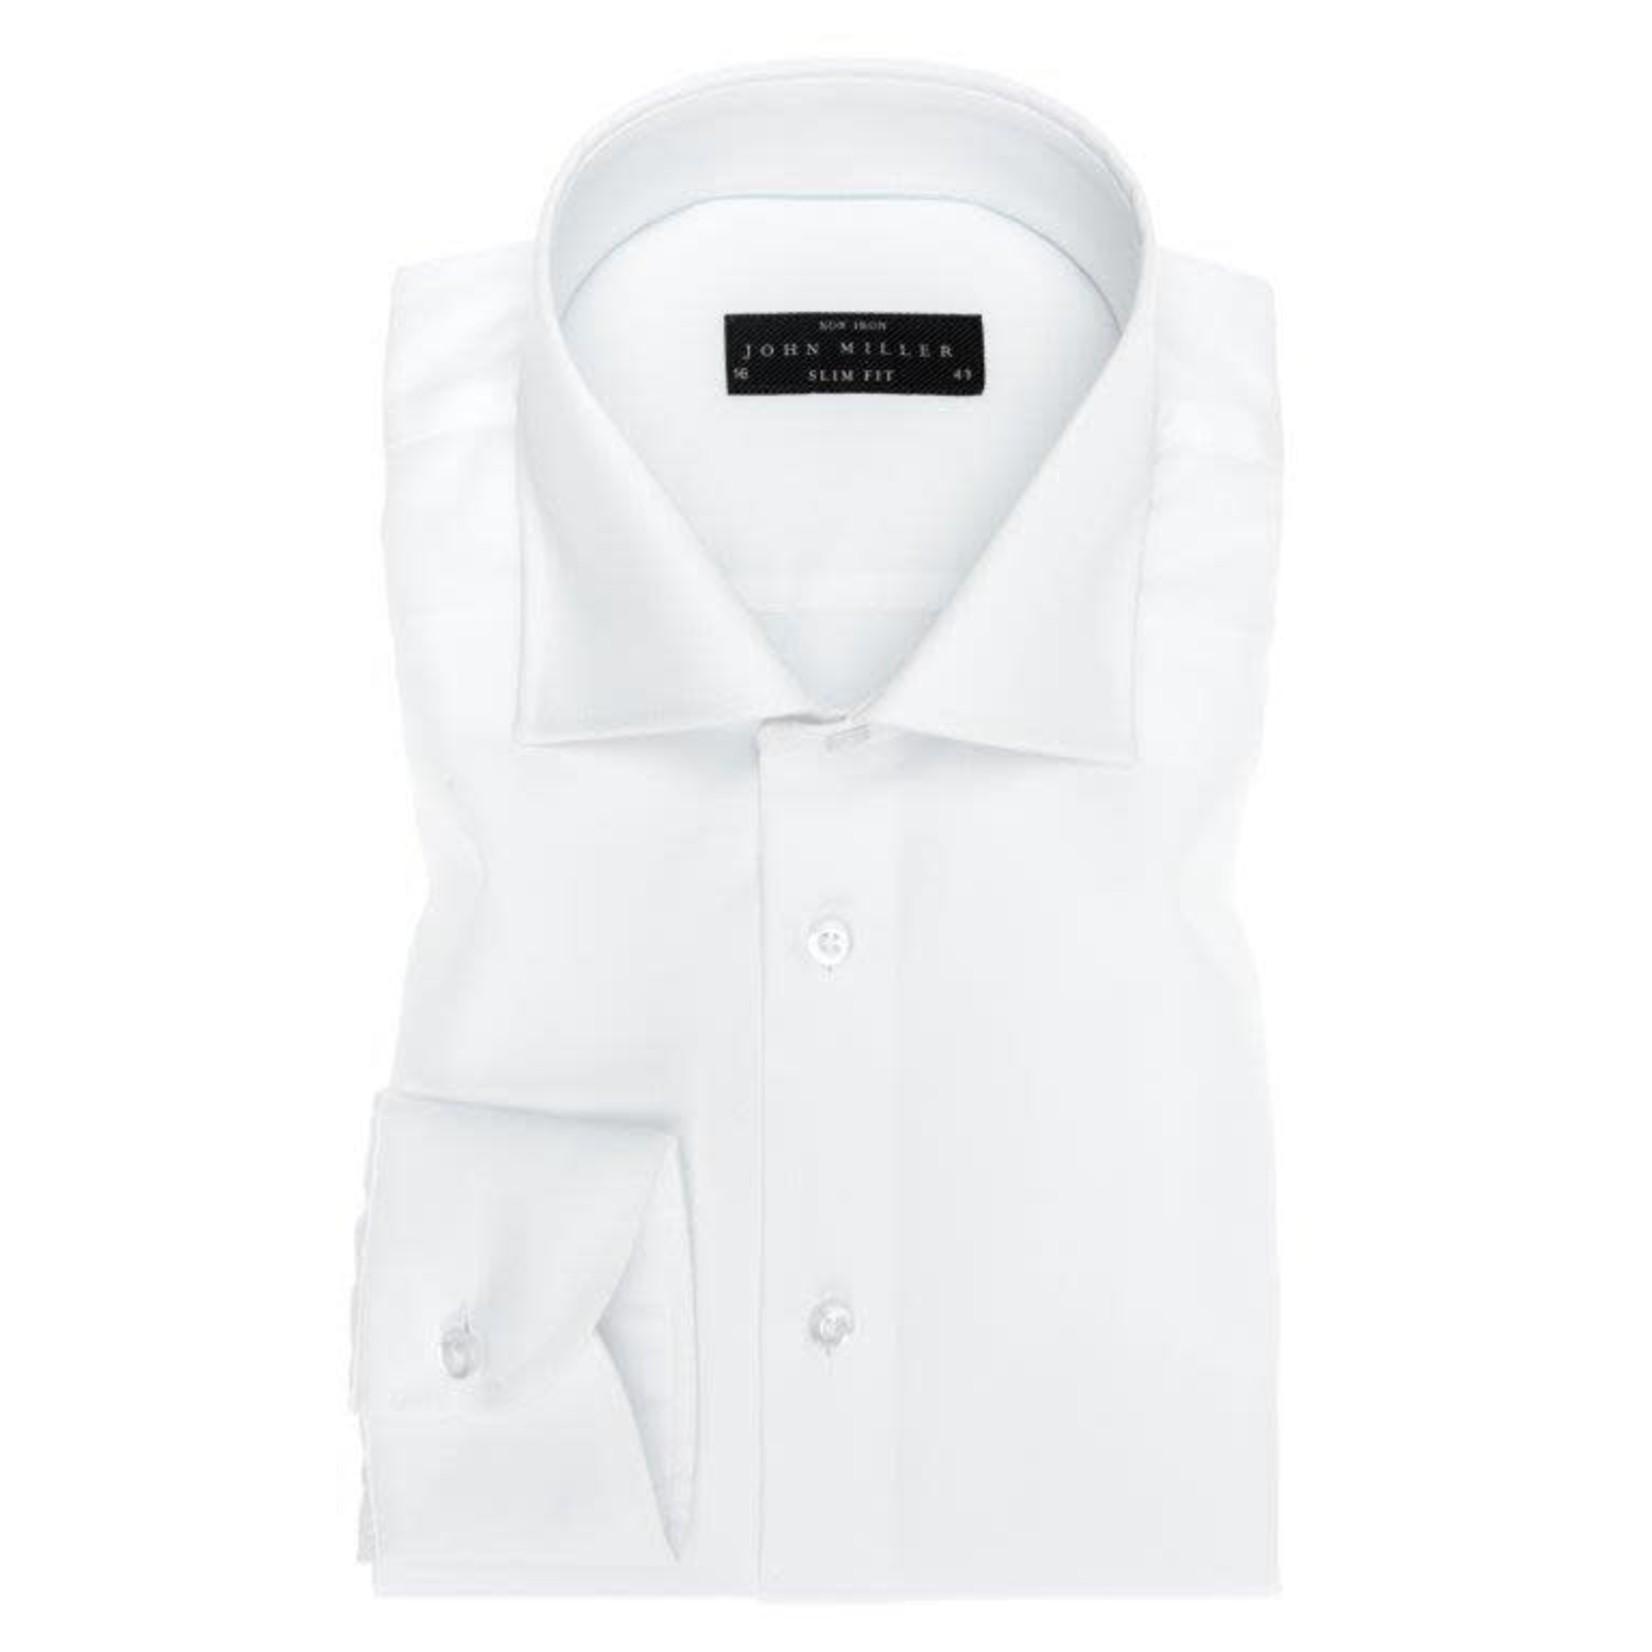 John Miller slim fit overhemd wit met wide spread boord